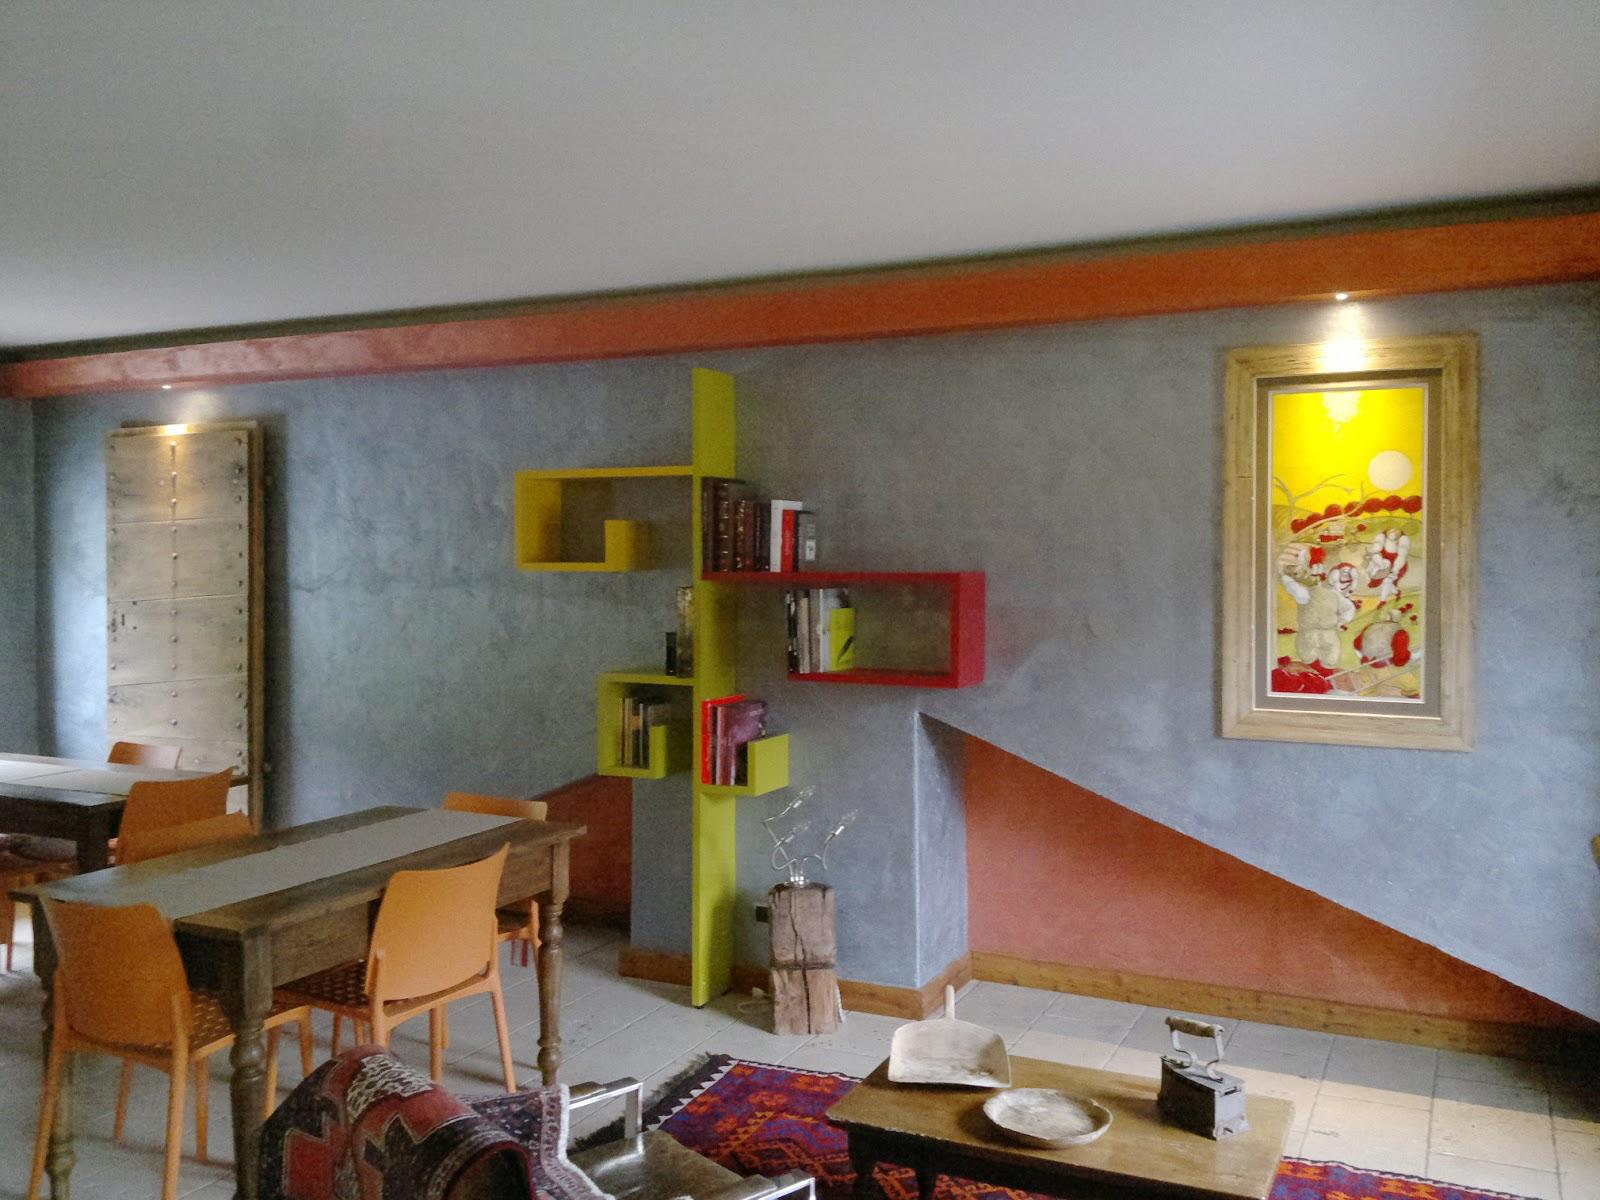 Illuminazione led casa for Illuminazione interni casa